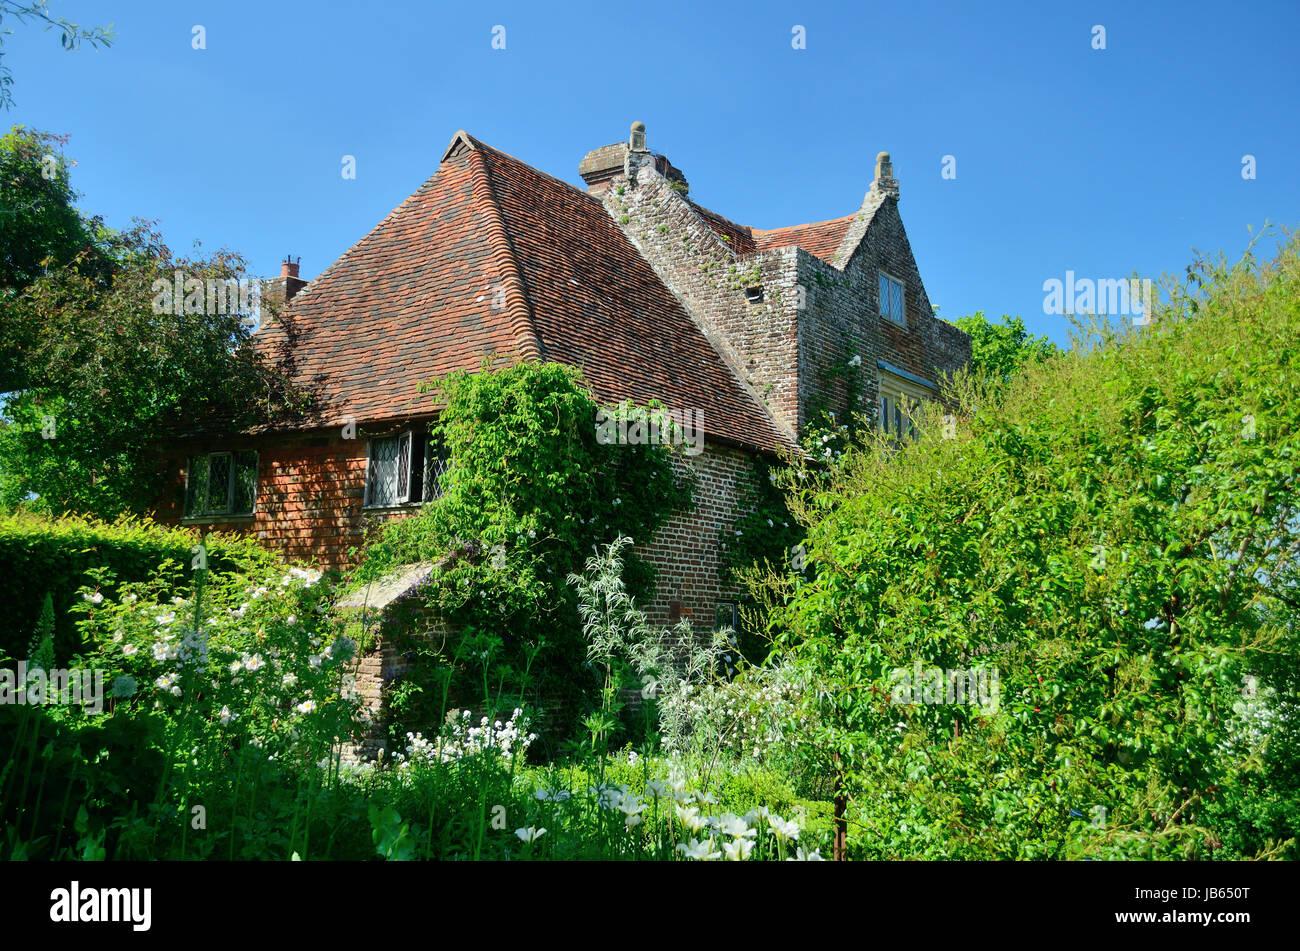 The Priest's House, Sissinghurst Gardens - Stock Image